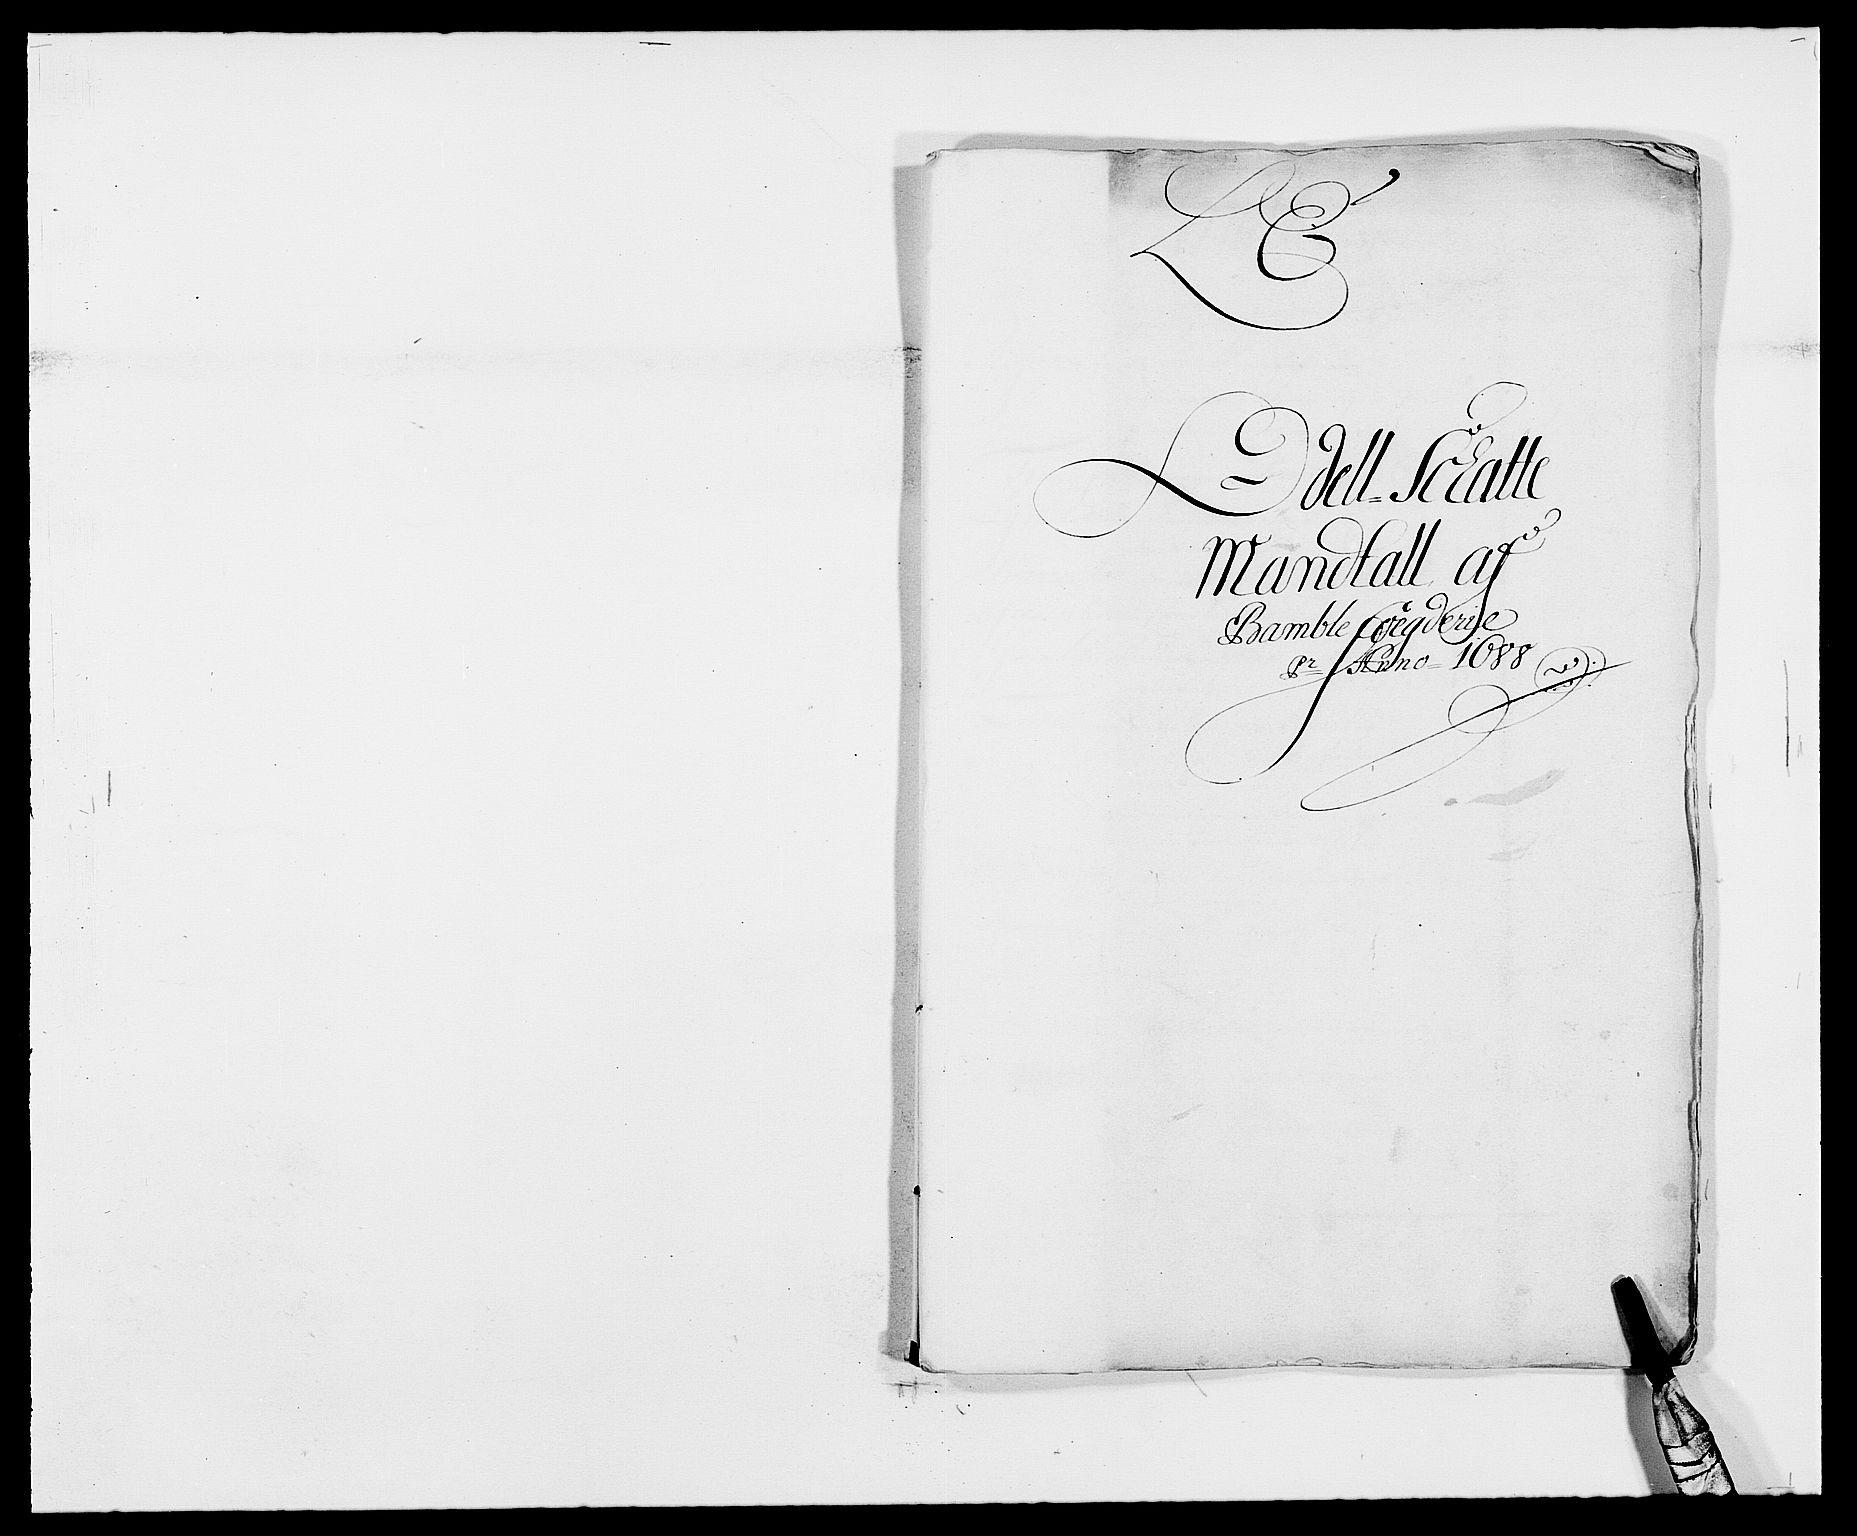 RA, Rentekammeret inntil 1814, Reviderte regnskaper, Fogderegnskap, R34/L2050: Fogderegnskap Bamble, 1688-1691, s. 98